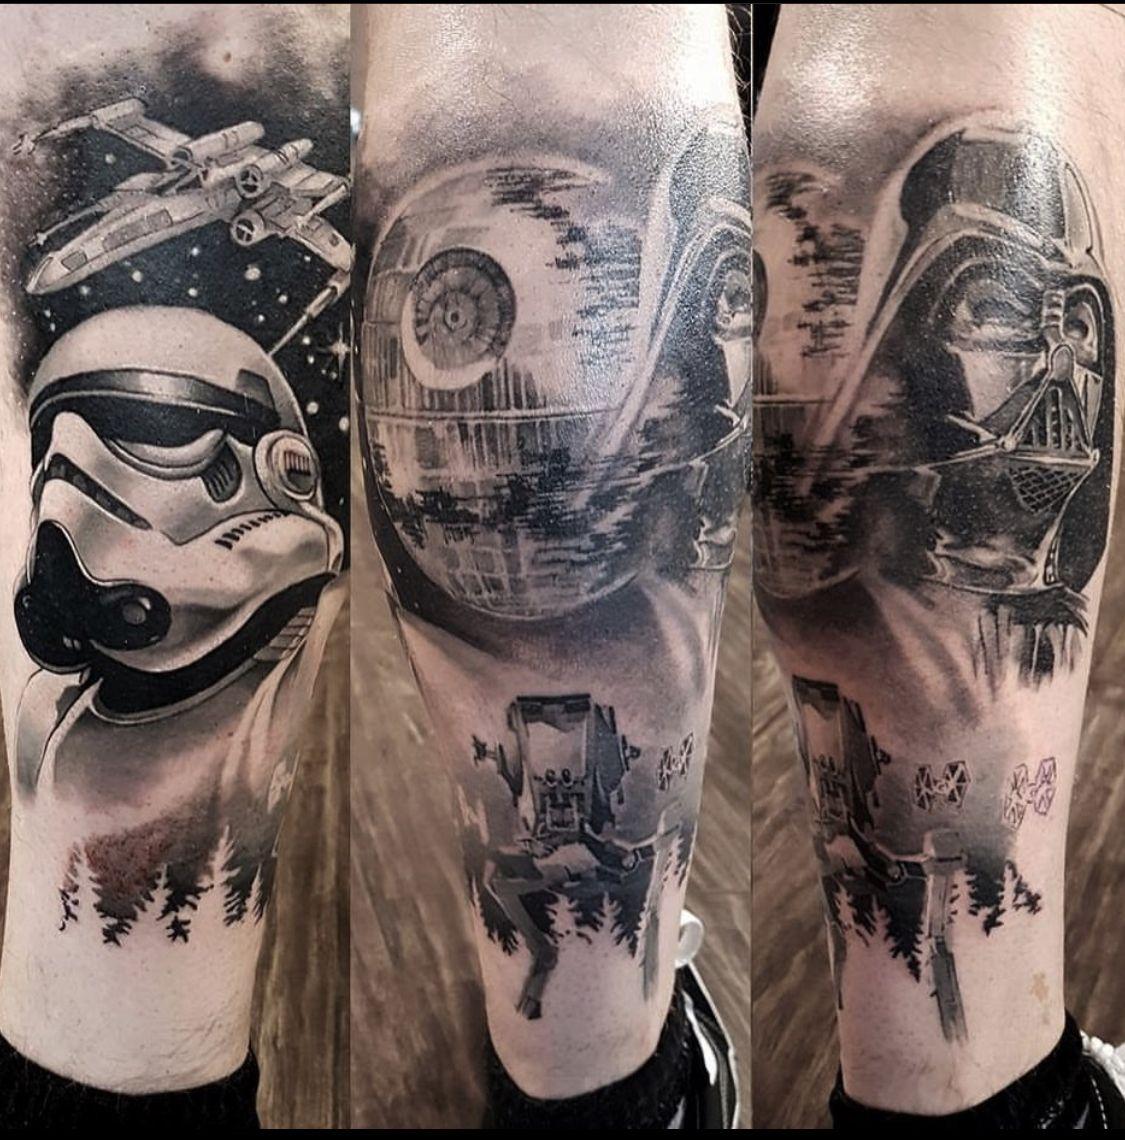 Vivid Ink Tattoo Shop Sutton Coldifeld in 2020 Star wars